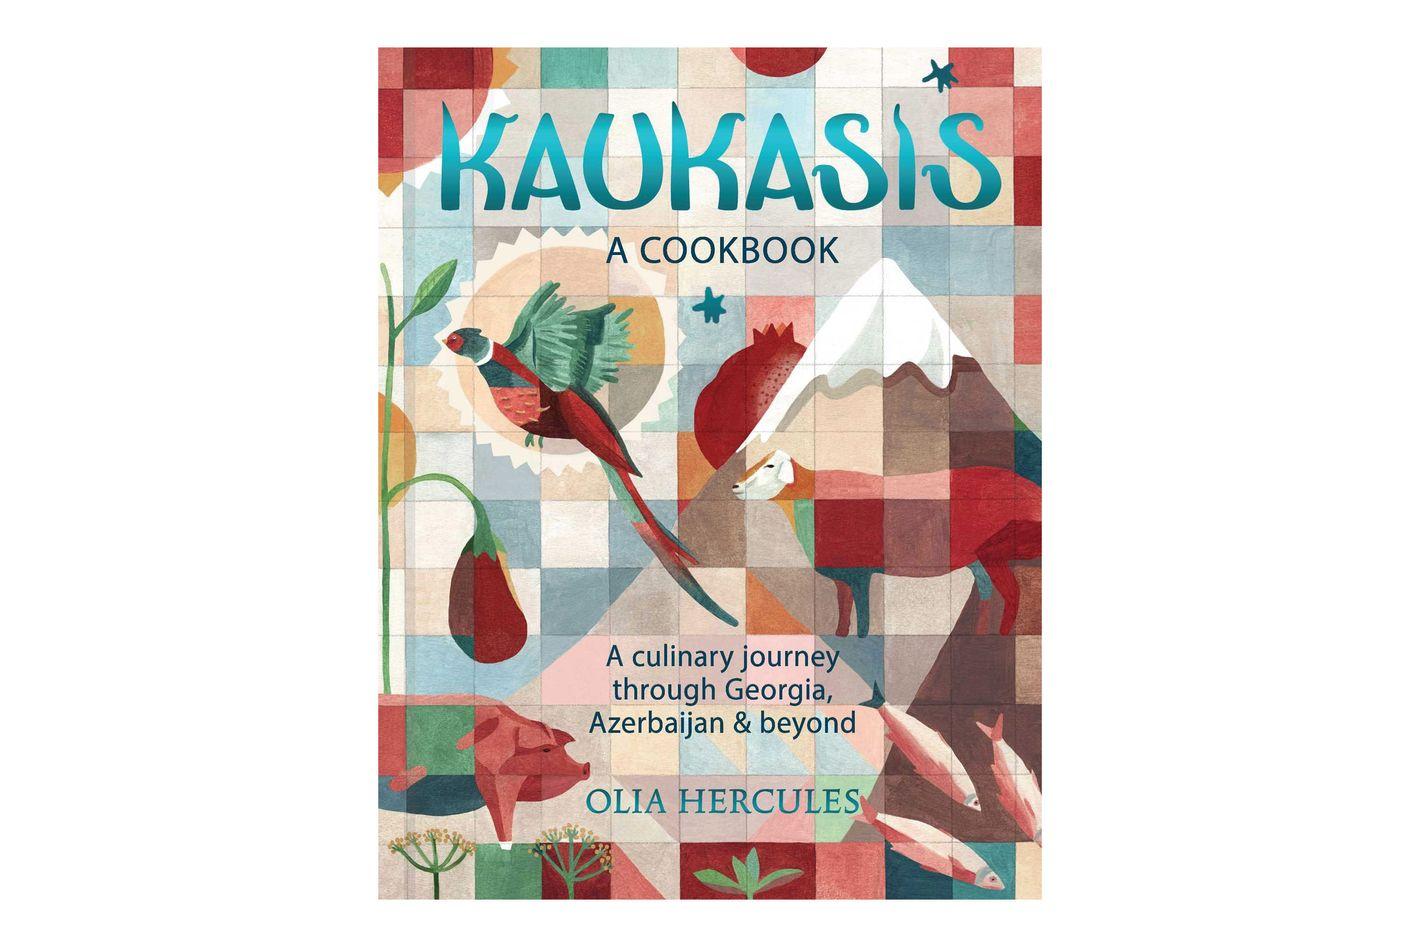 'Kaukasis: A Culinary Journey Through Georgia, Azerbaijan & Beyond,' by Olia Hercules